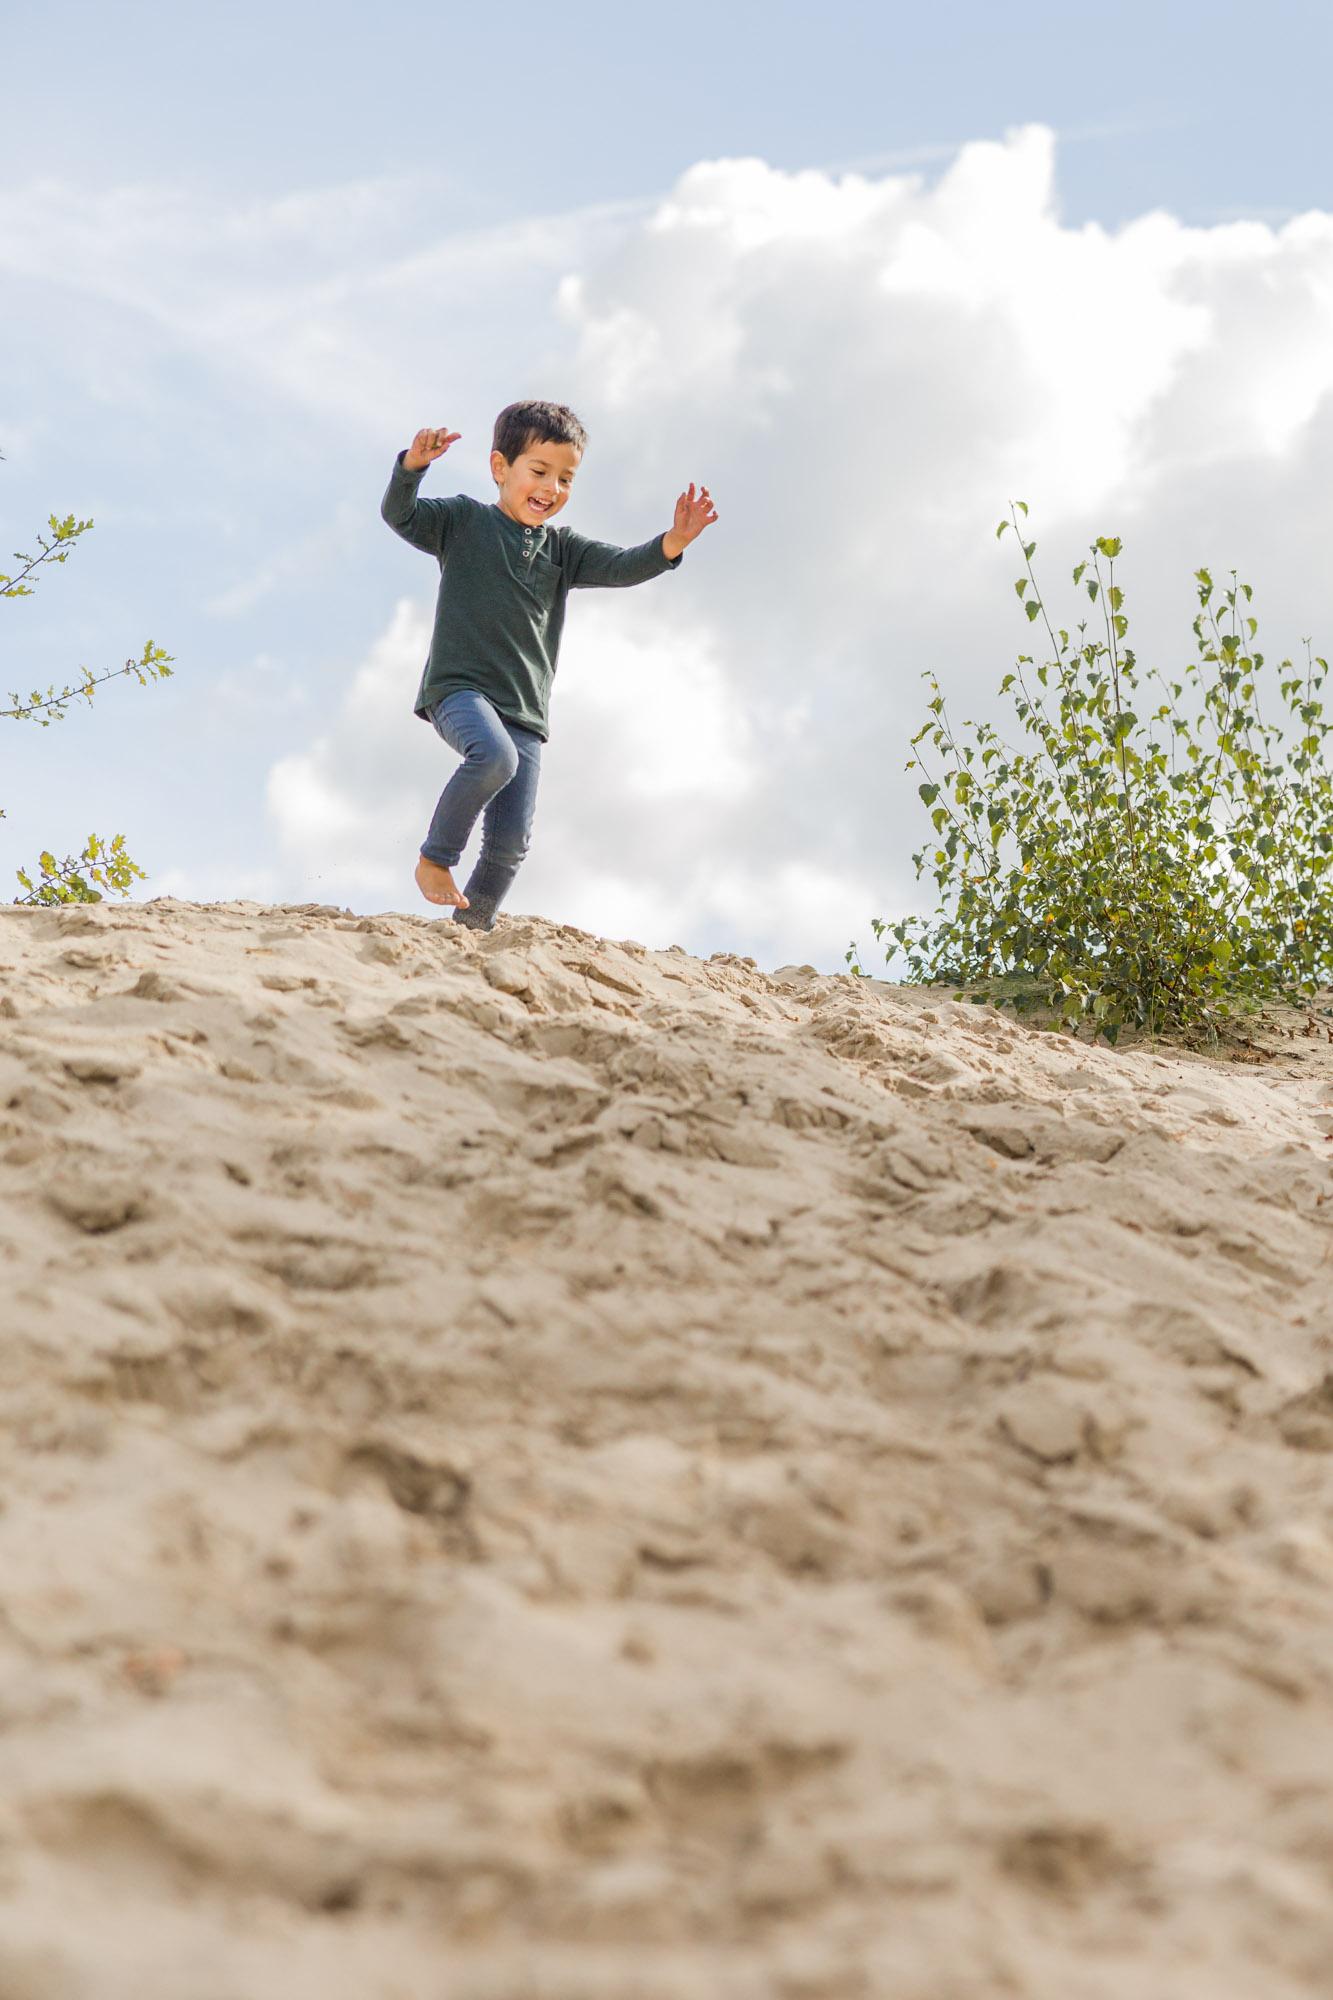 kinderportret van jongetje dat van zand heuvel af rent door MayraFotografie